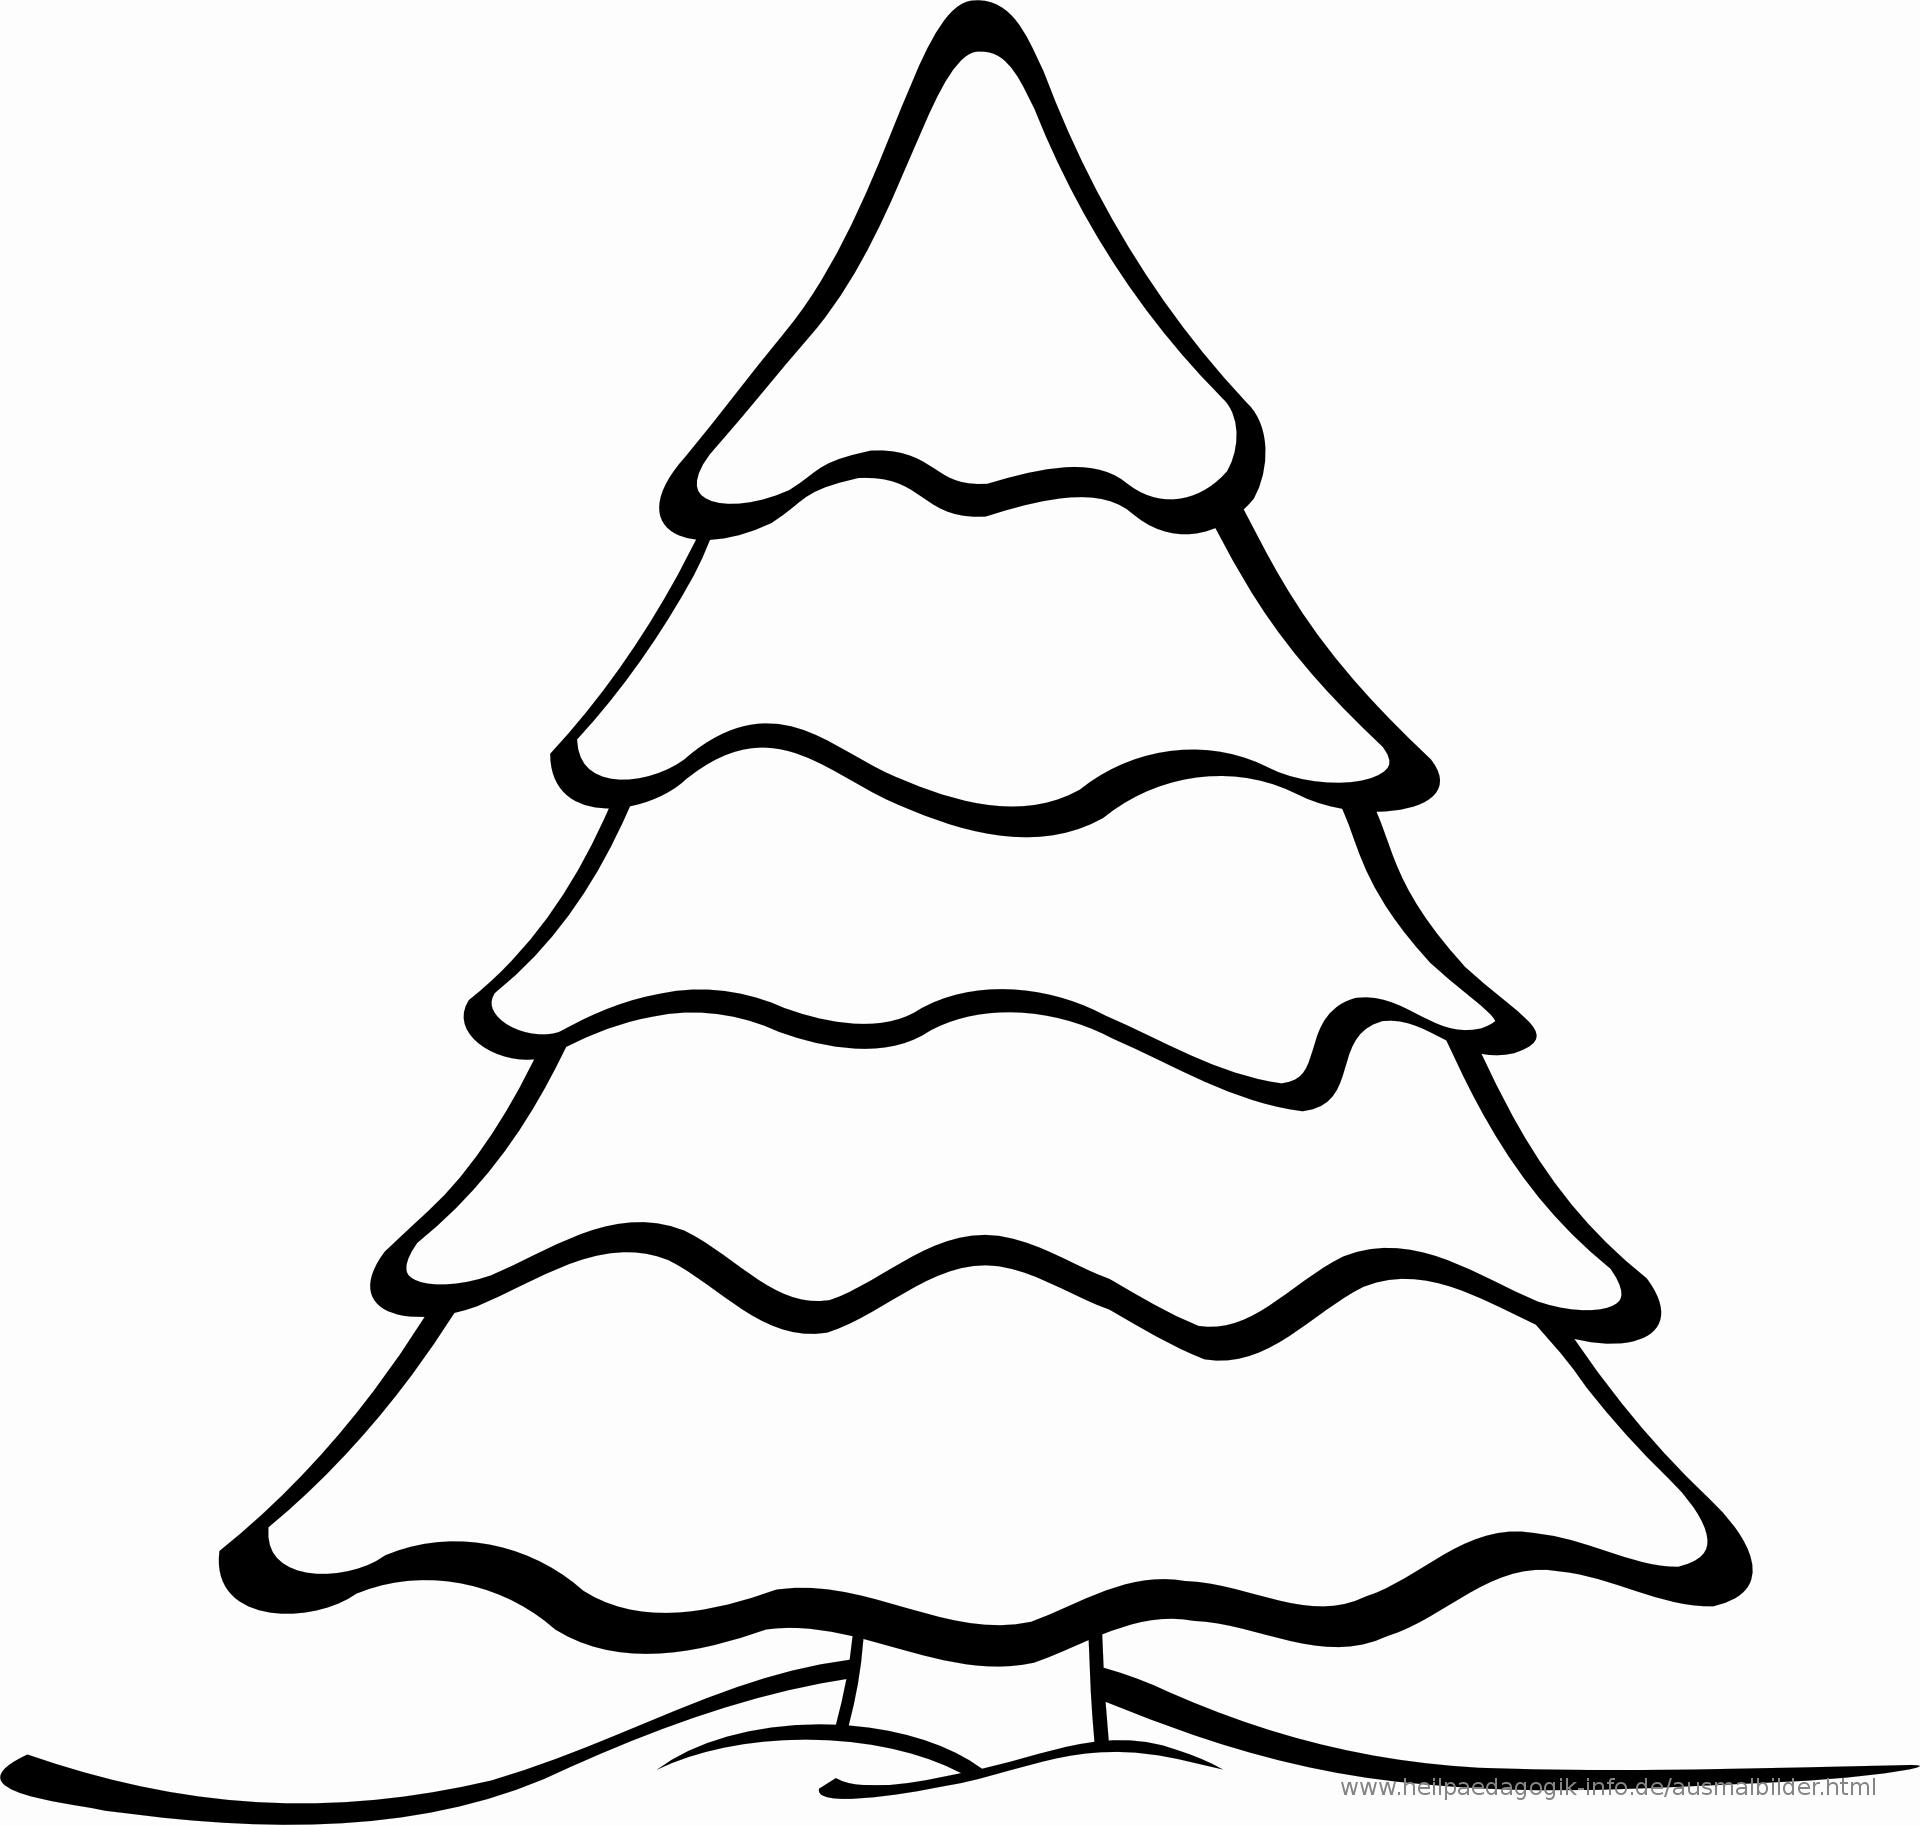 Malvorlagen Tannenbaum Ausdrucken Elegant Ausmalbilder verwandt mit Malvorlagen Tannenbaum Ausdrucken